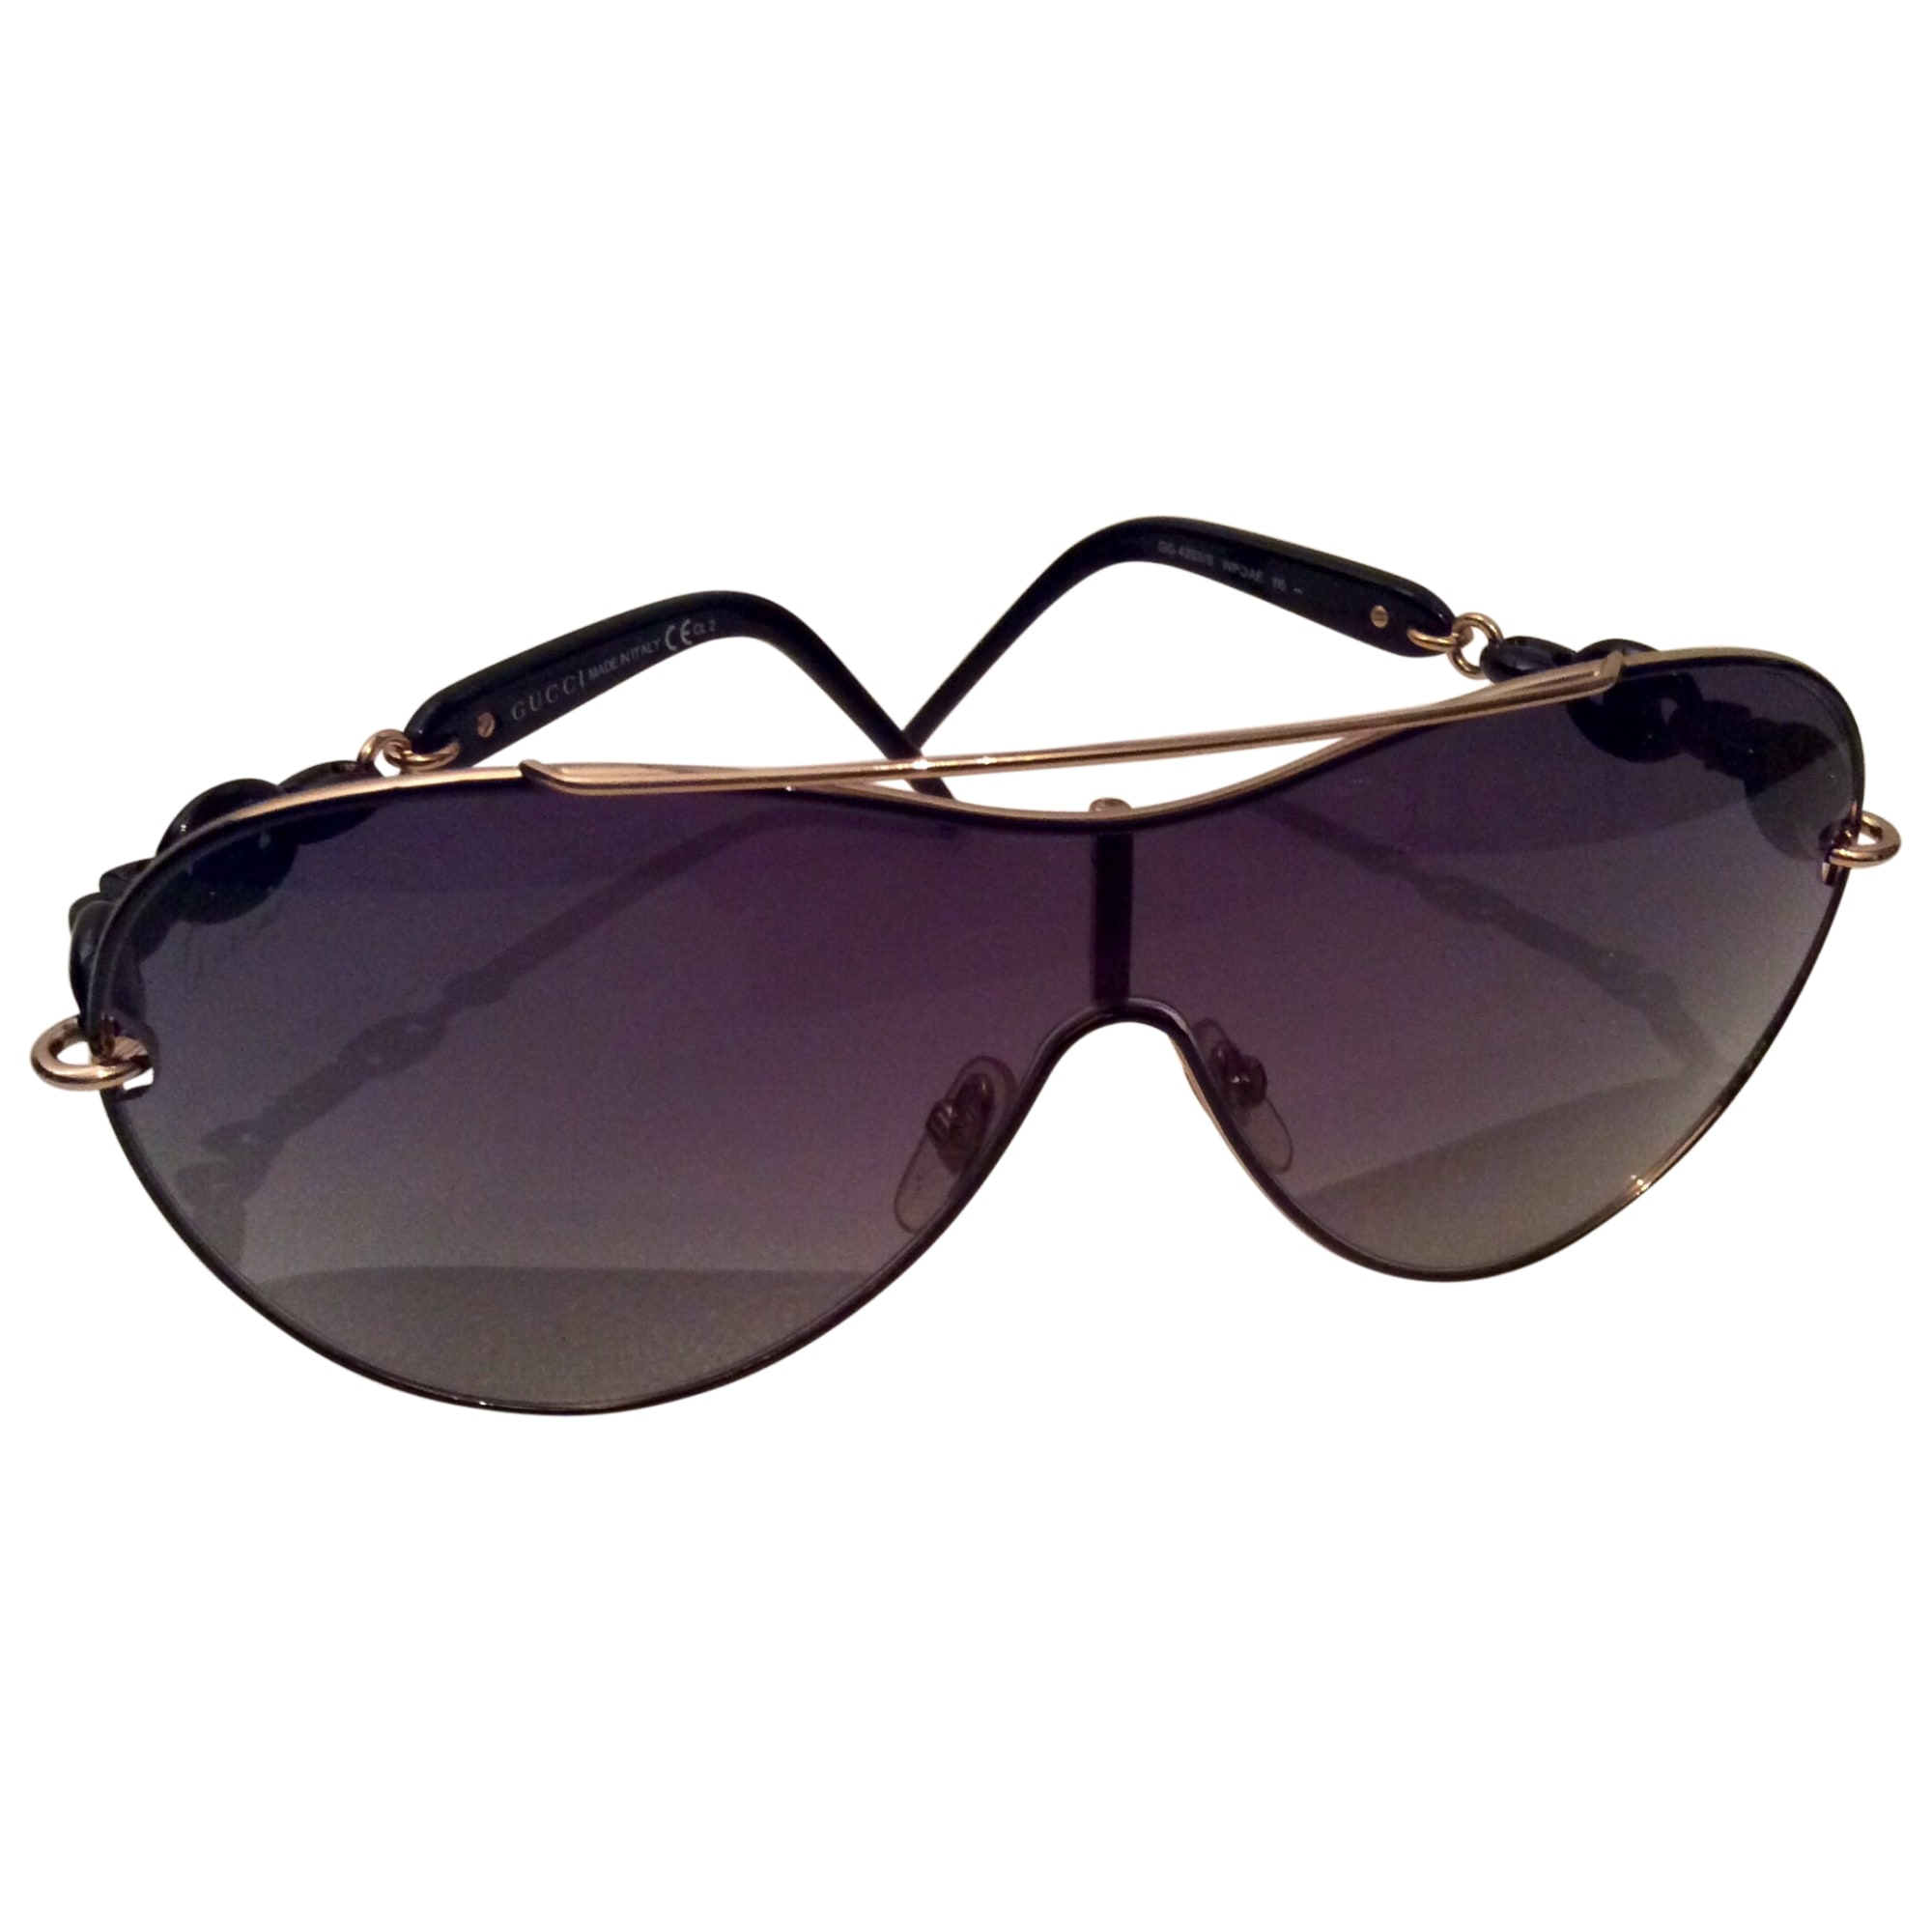 Lunettes de soleil GUCCI Graine de café noir avec pourtour de la lunette Or 14db05e96f3a